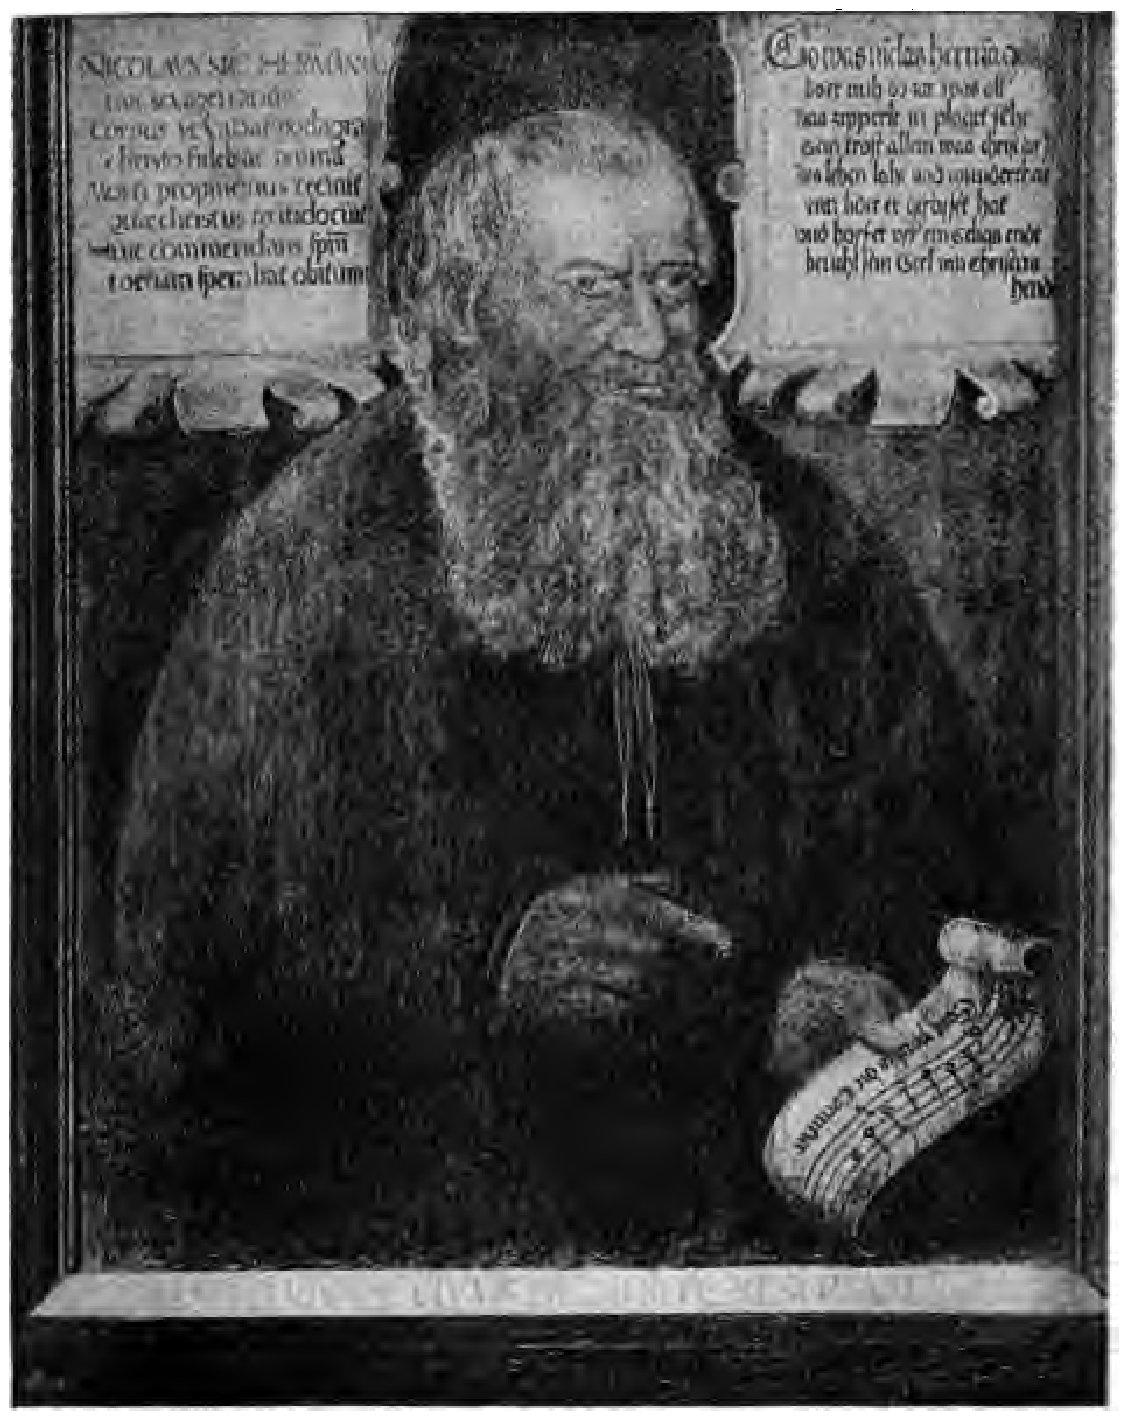 Die sonntags evangelia van Nicolaus Herman